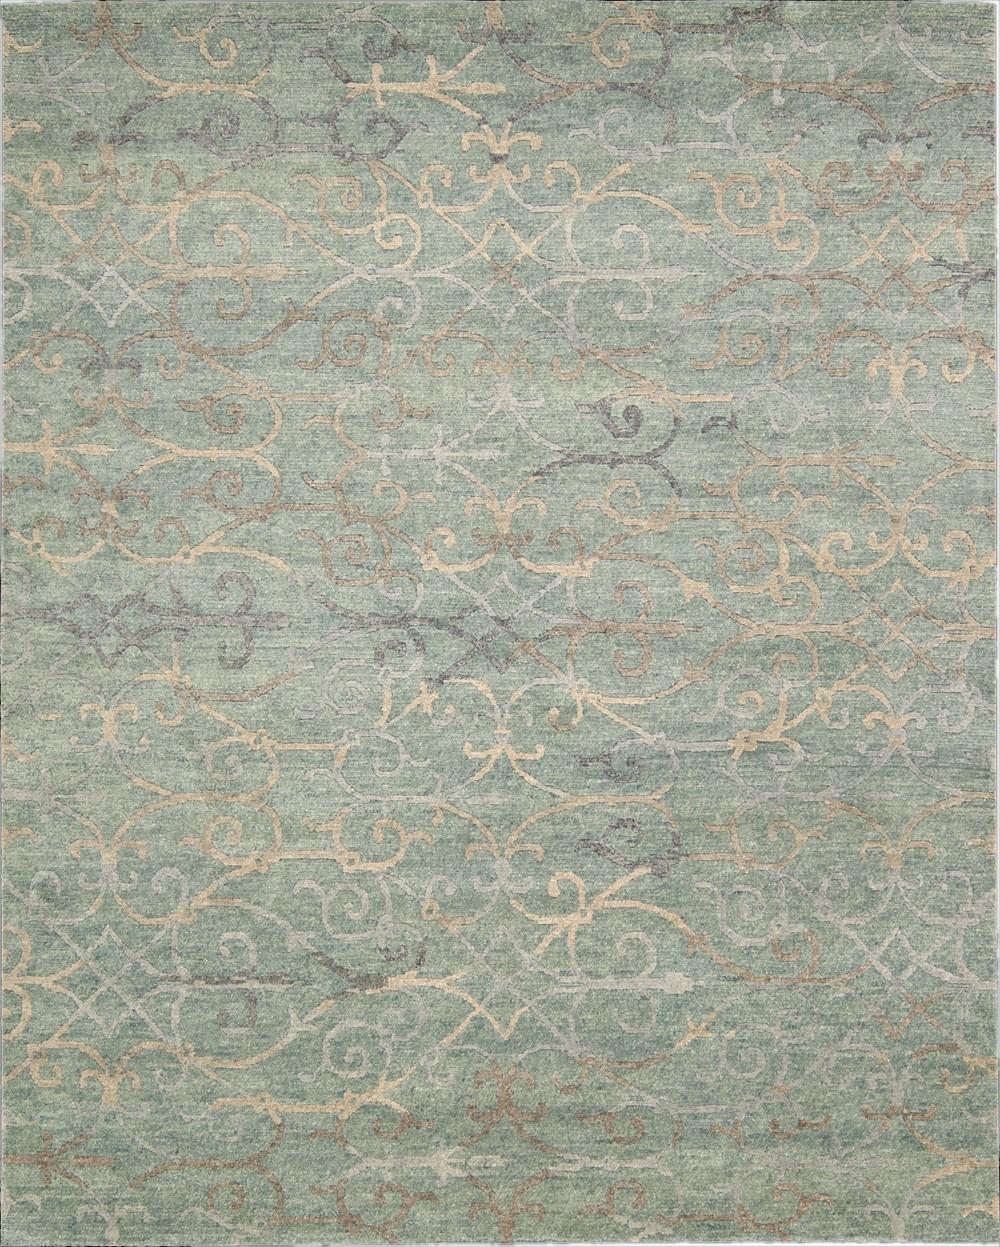 Floor Nourison Rug Corp Nourison Rugs Nourison Carpet Prices Regarding Nourison Carpets (Image 3 of 15)